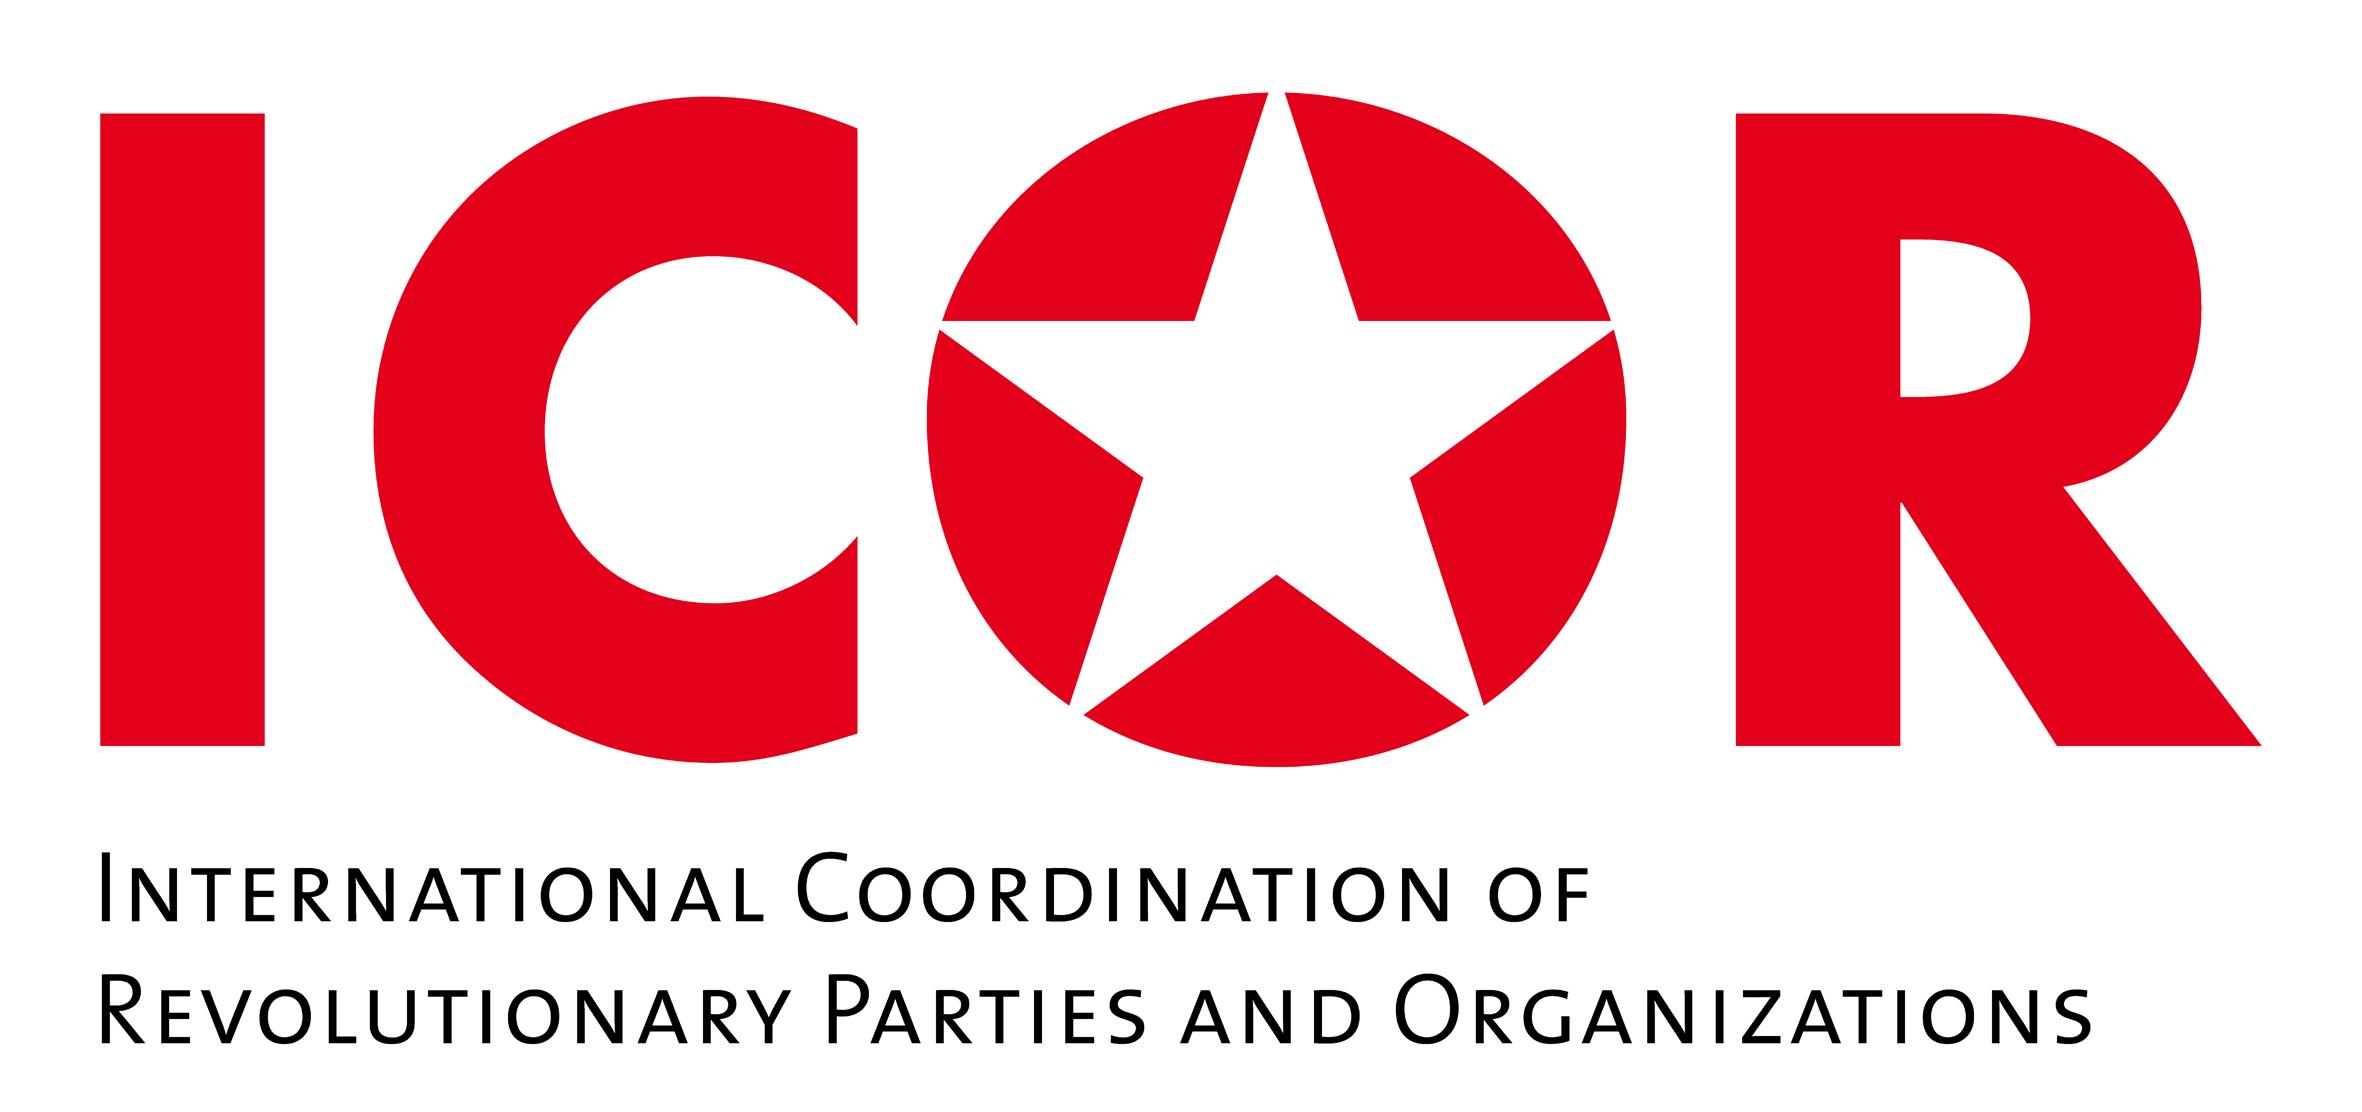 Appel de l'ICOR  à l'occasion de la journée de lutte internationale  contre le fascisme et la guerre le 8/9 mai, le 06 août et le 1er septembre 2018